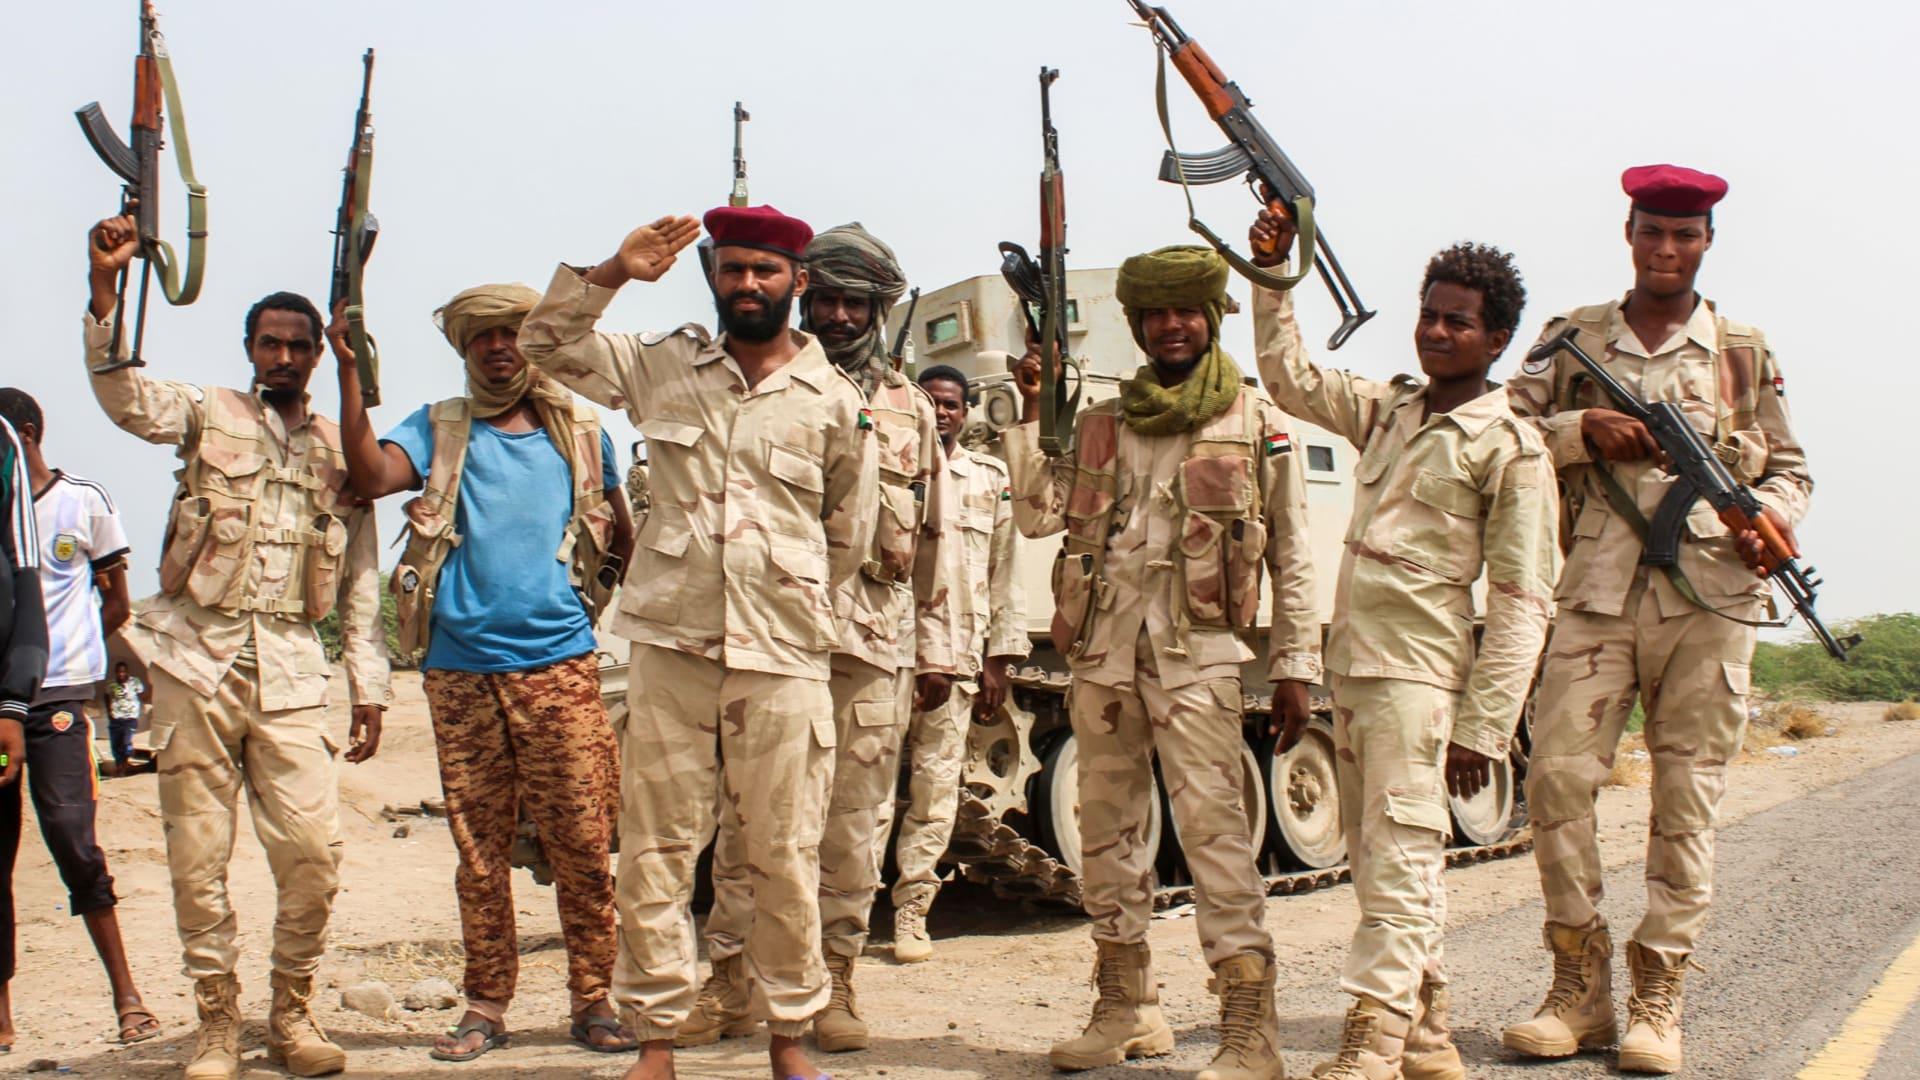 """الحوثيون: عناصر الجيش السوداني في اليمن """"أهداف مشروعة"""".. ونطالب بسحبهم"""